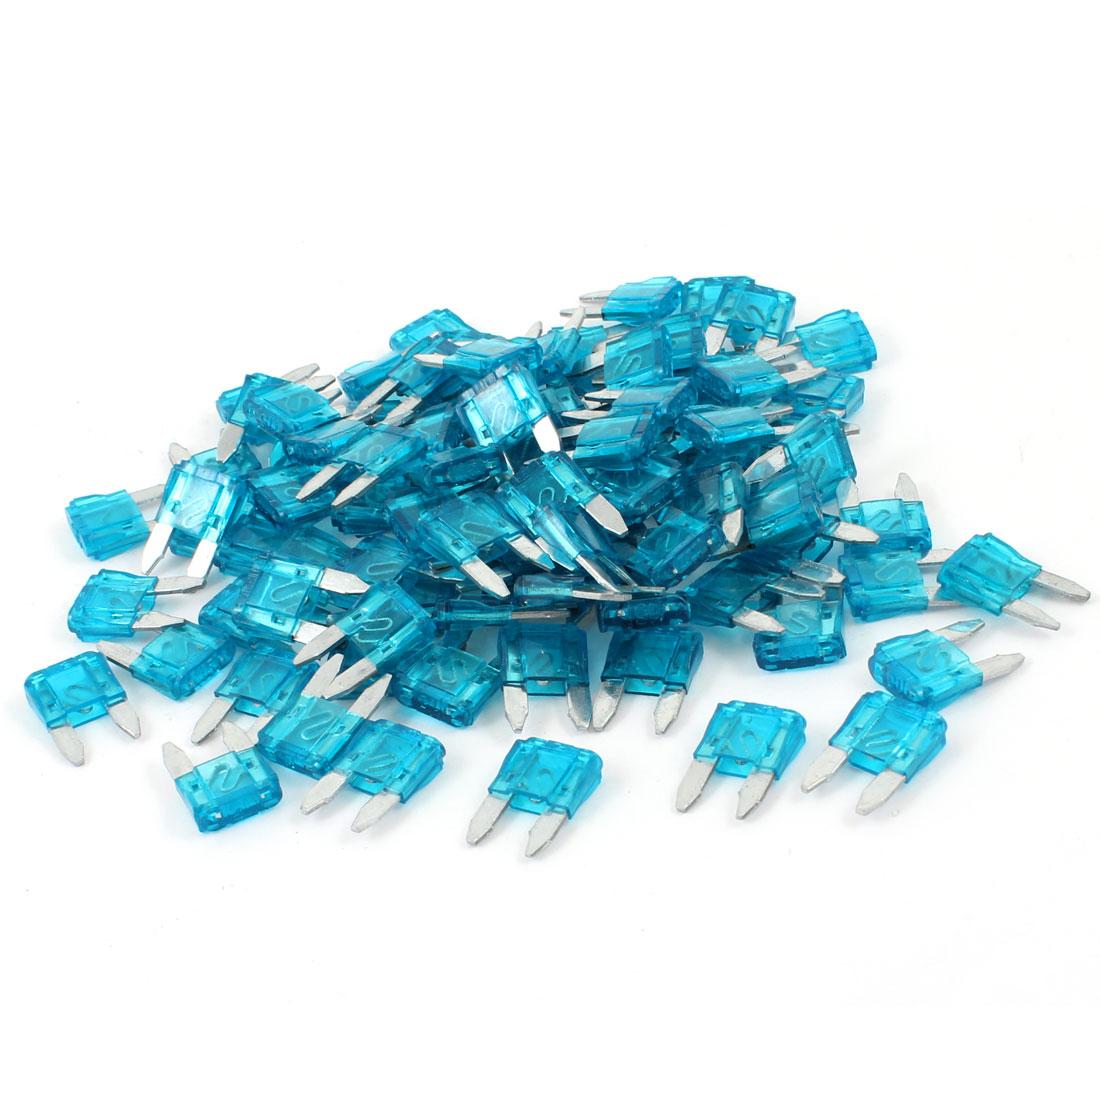 120 Pcs Plastic Housing 15A Vehicle Car Auto Blade Fuses Blue